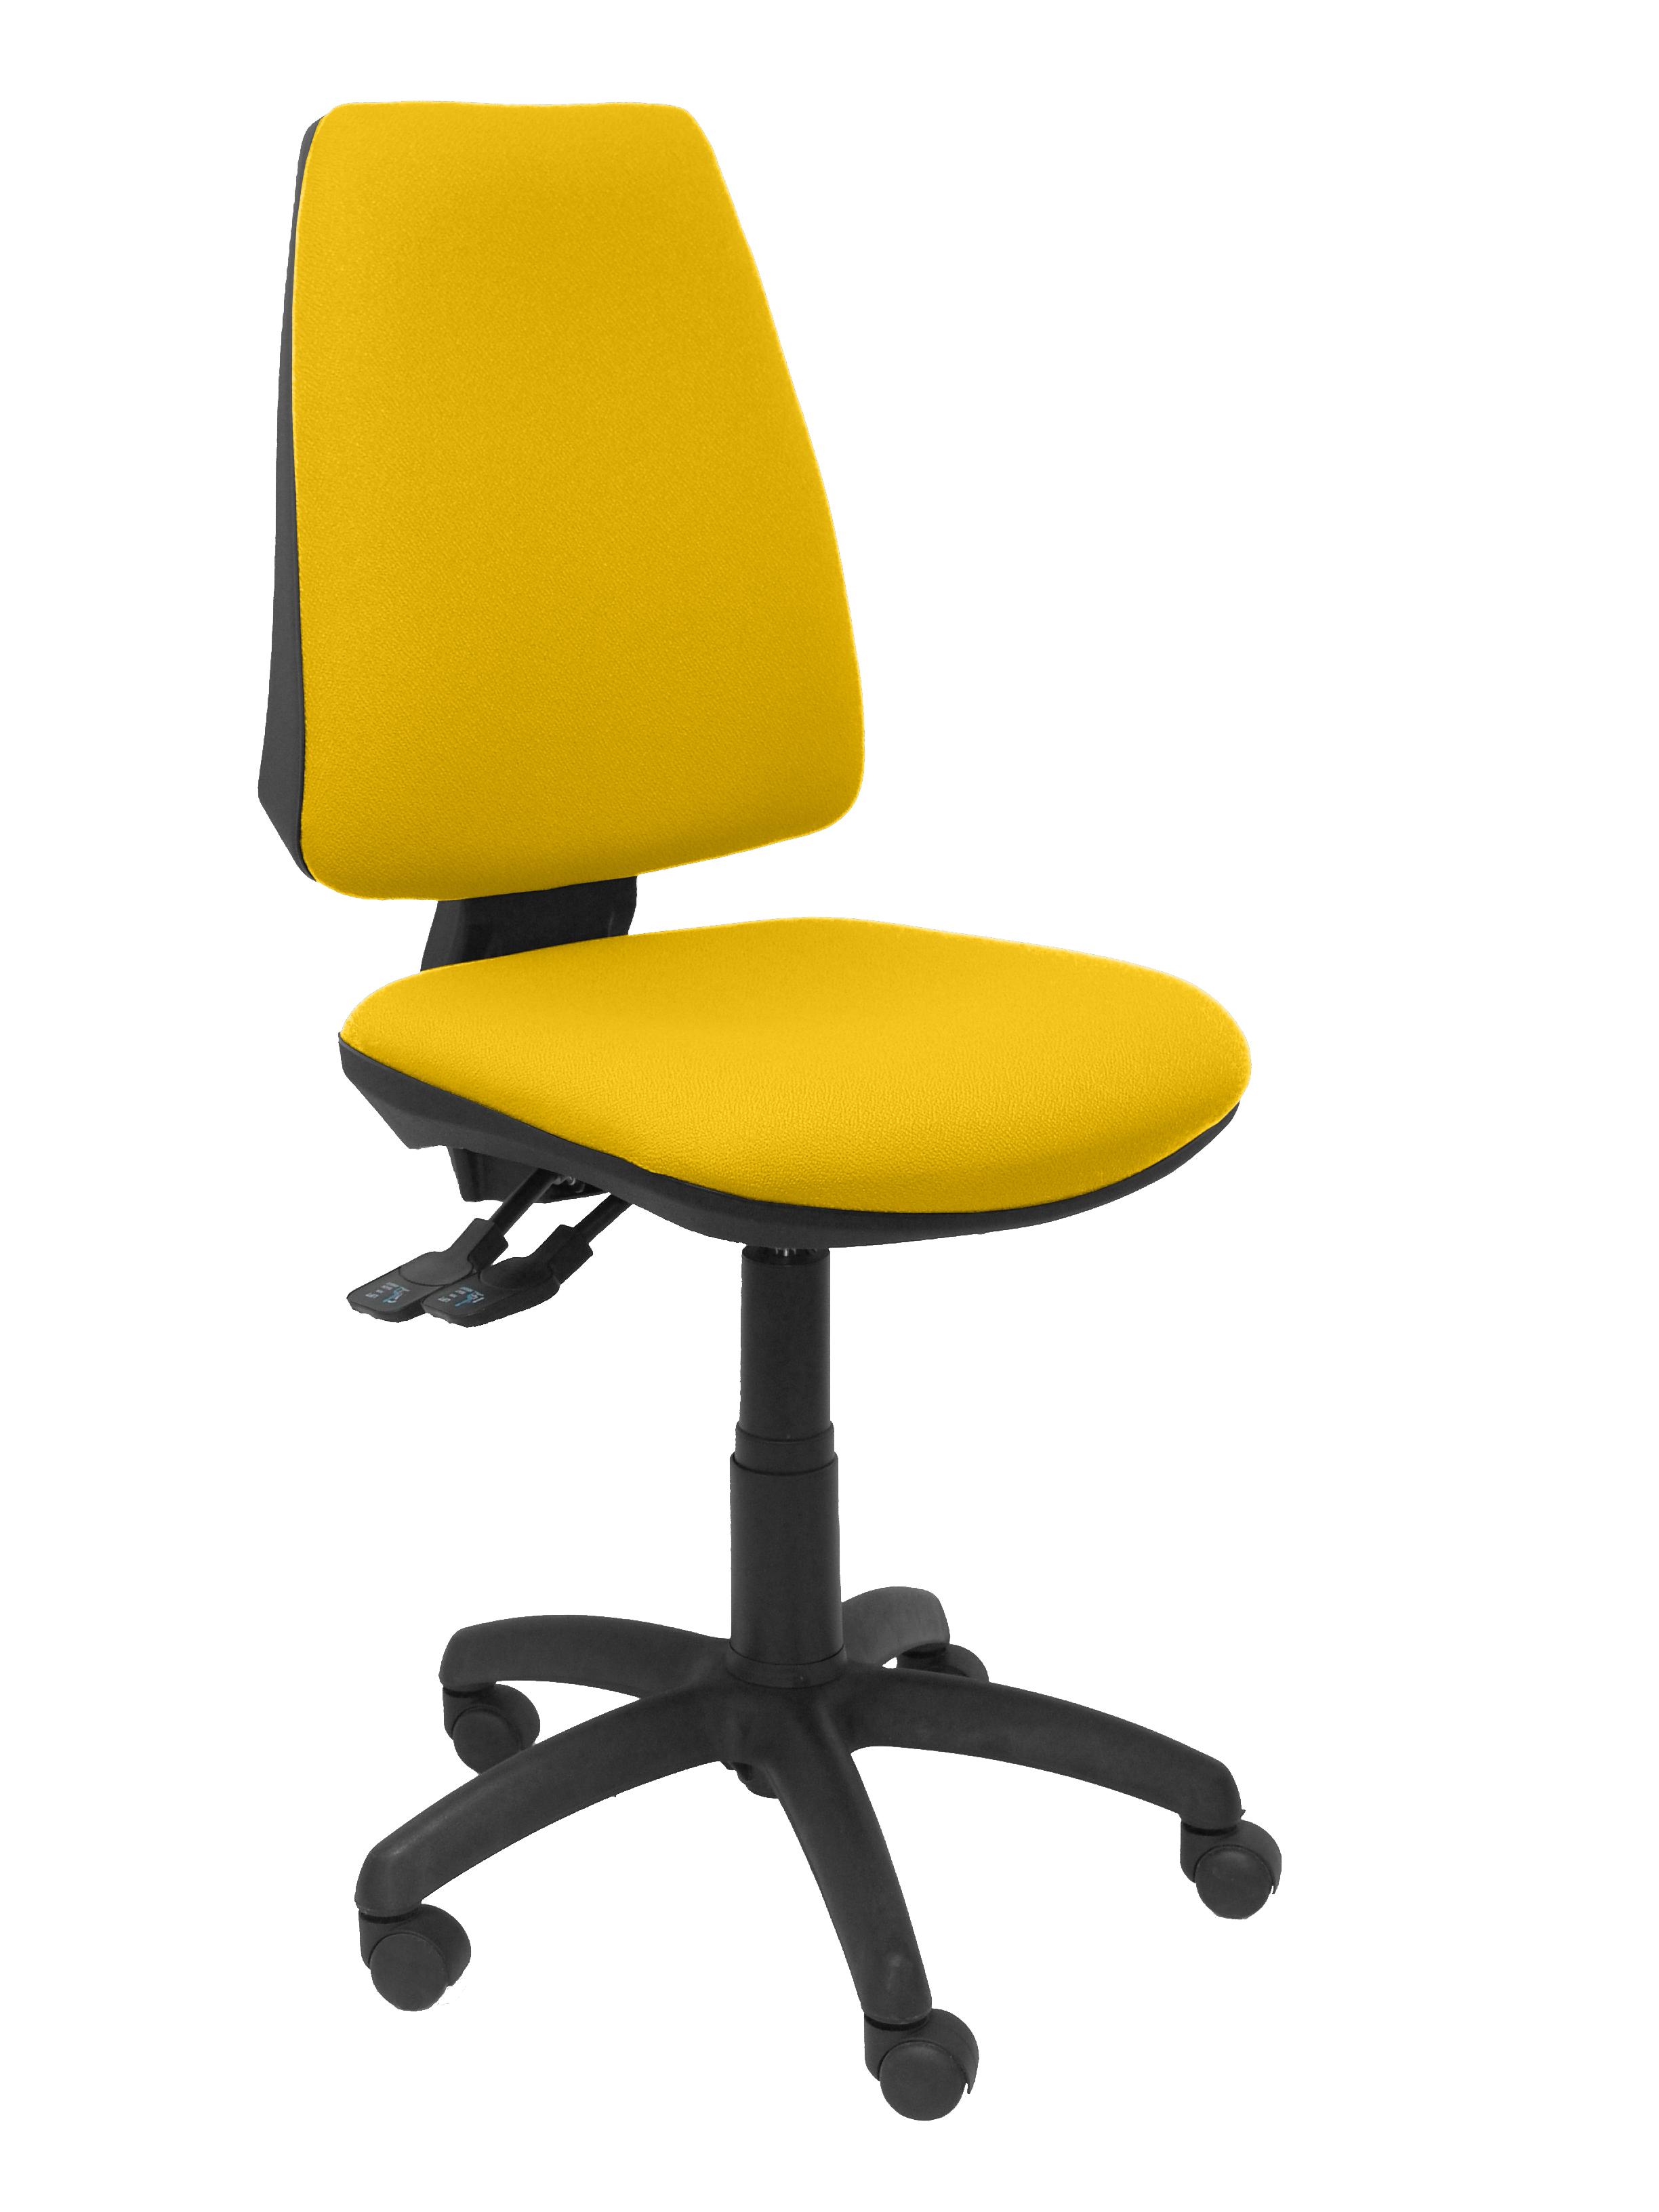 Silla Elche S bali amarillo